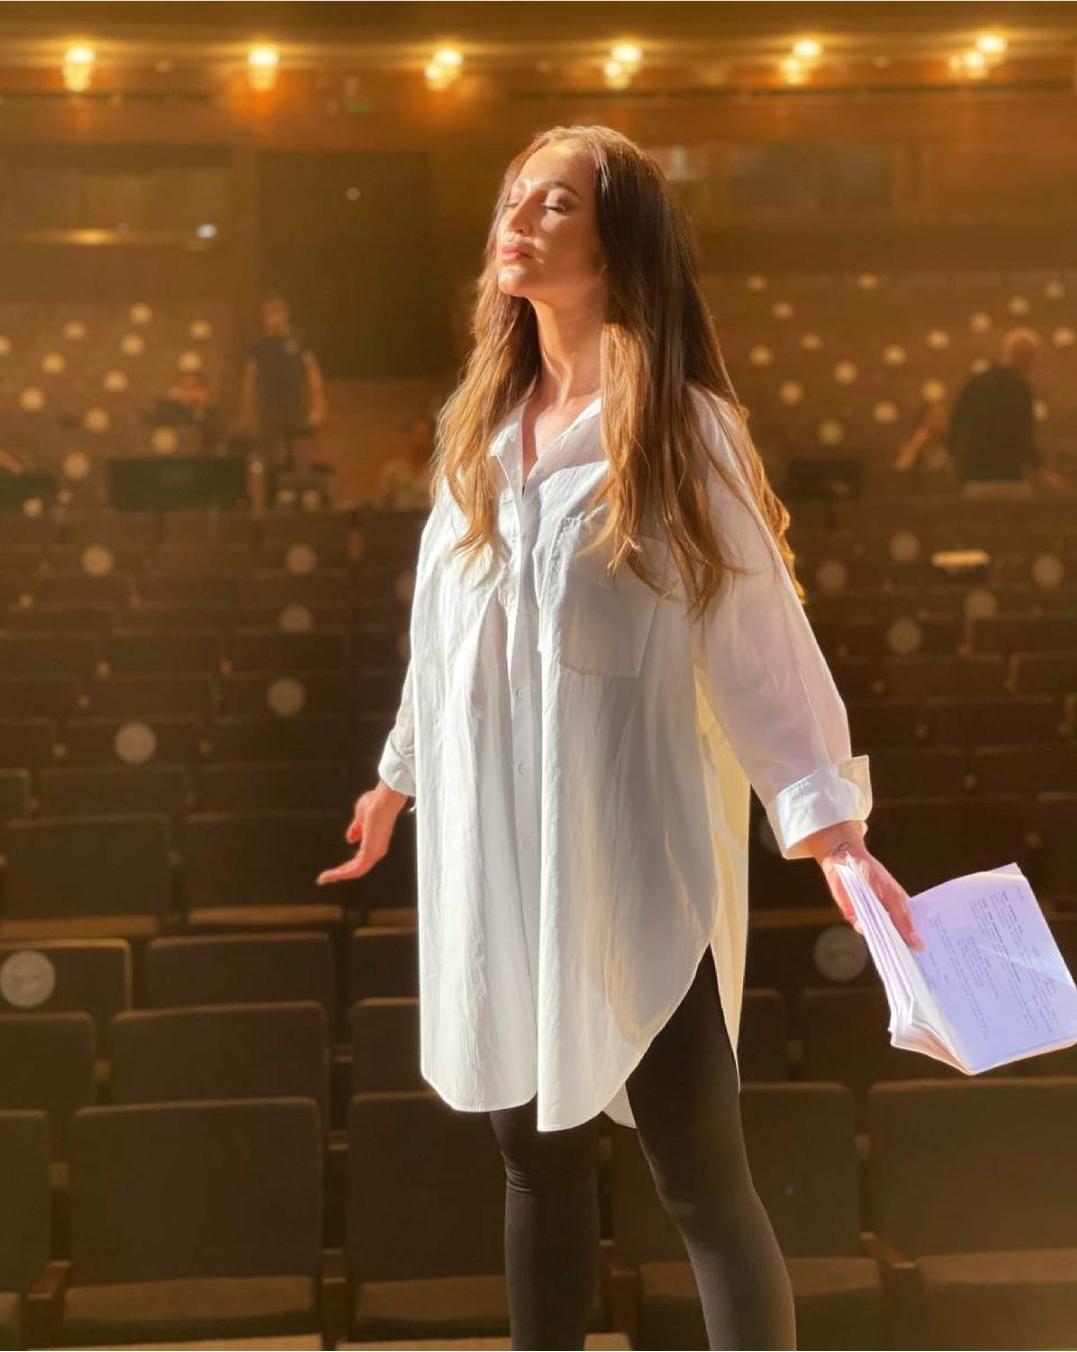 Виктория Боня осудила людей, высмеивающих роль Ольги Бузовой в спектакле МХАТа